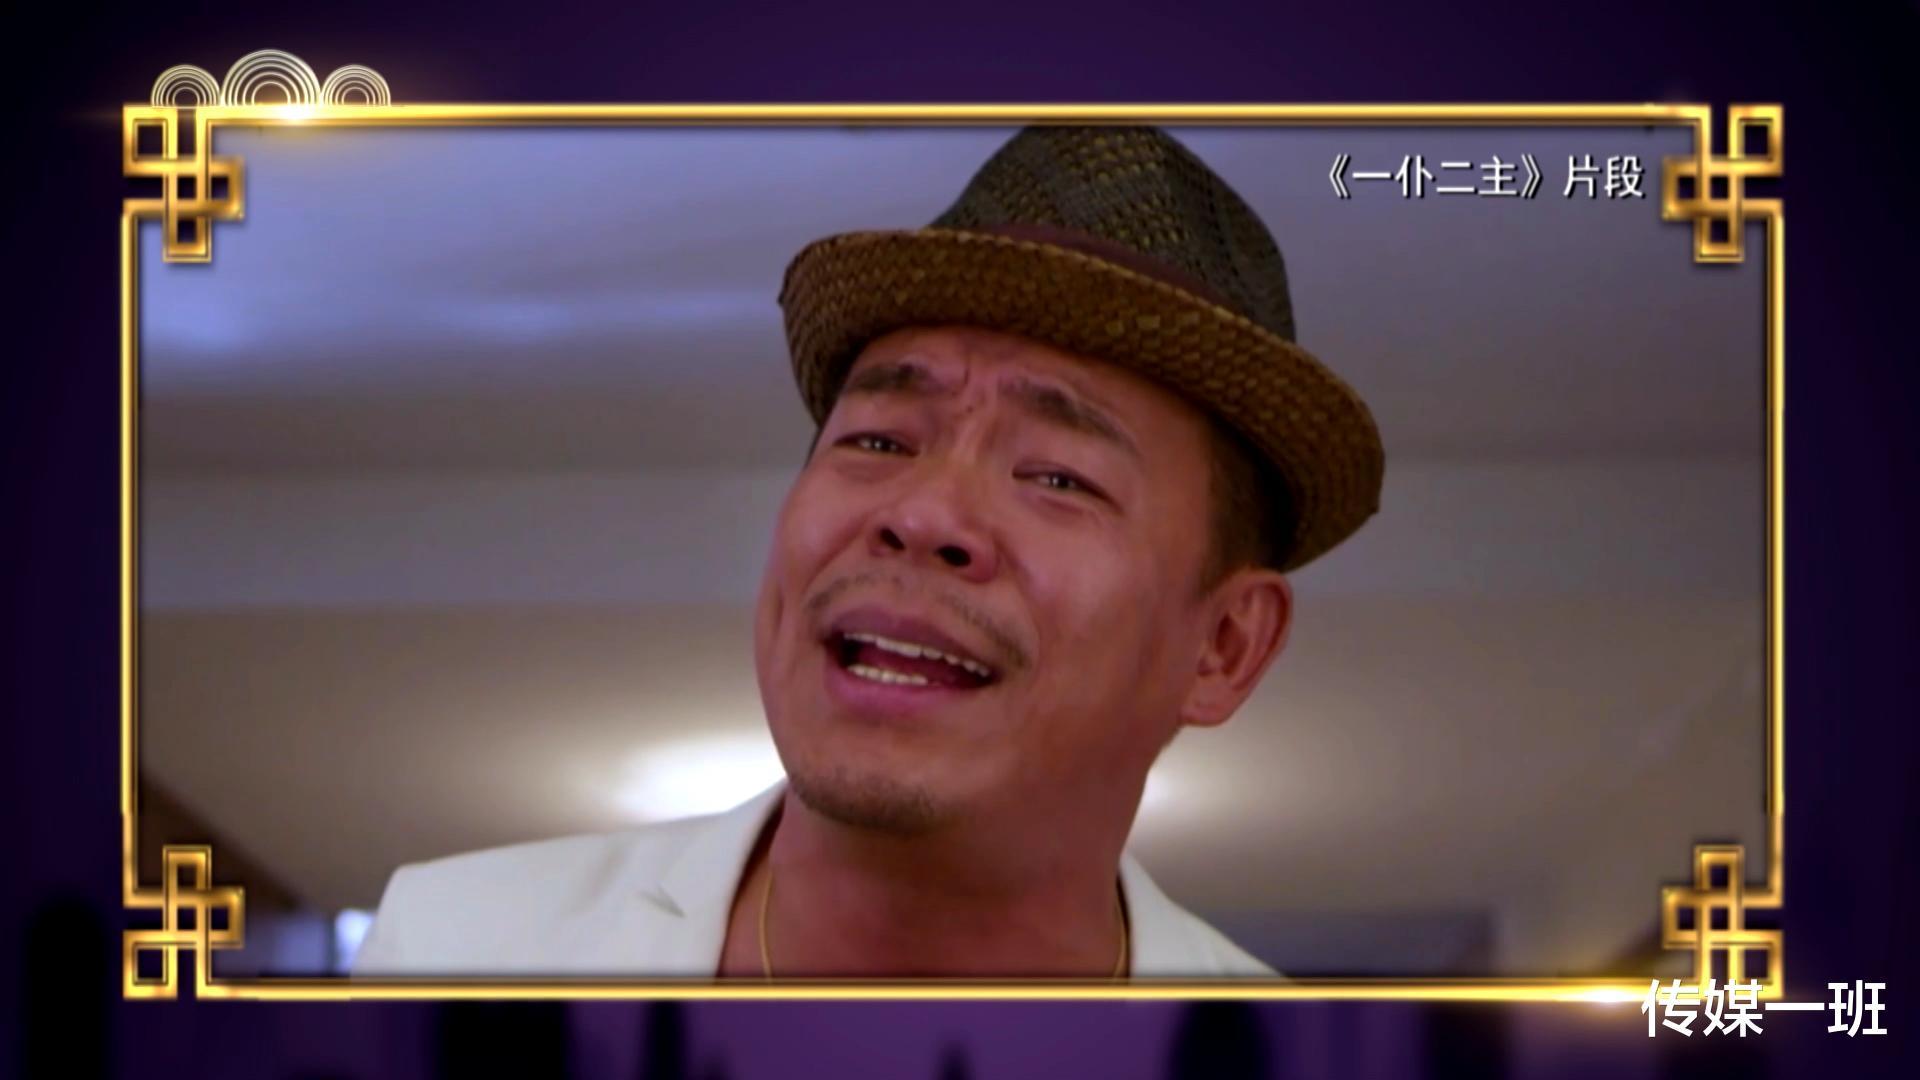 曾6次登上央视春晚,张嘉译是他的伯乐,现在凭《扫黑风暴》火了_韩国娱乐新闻